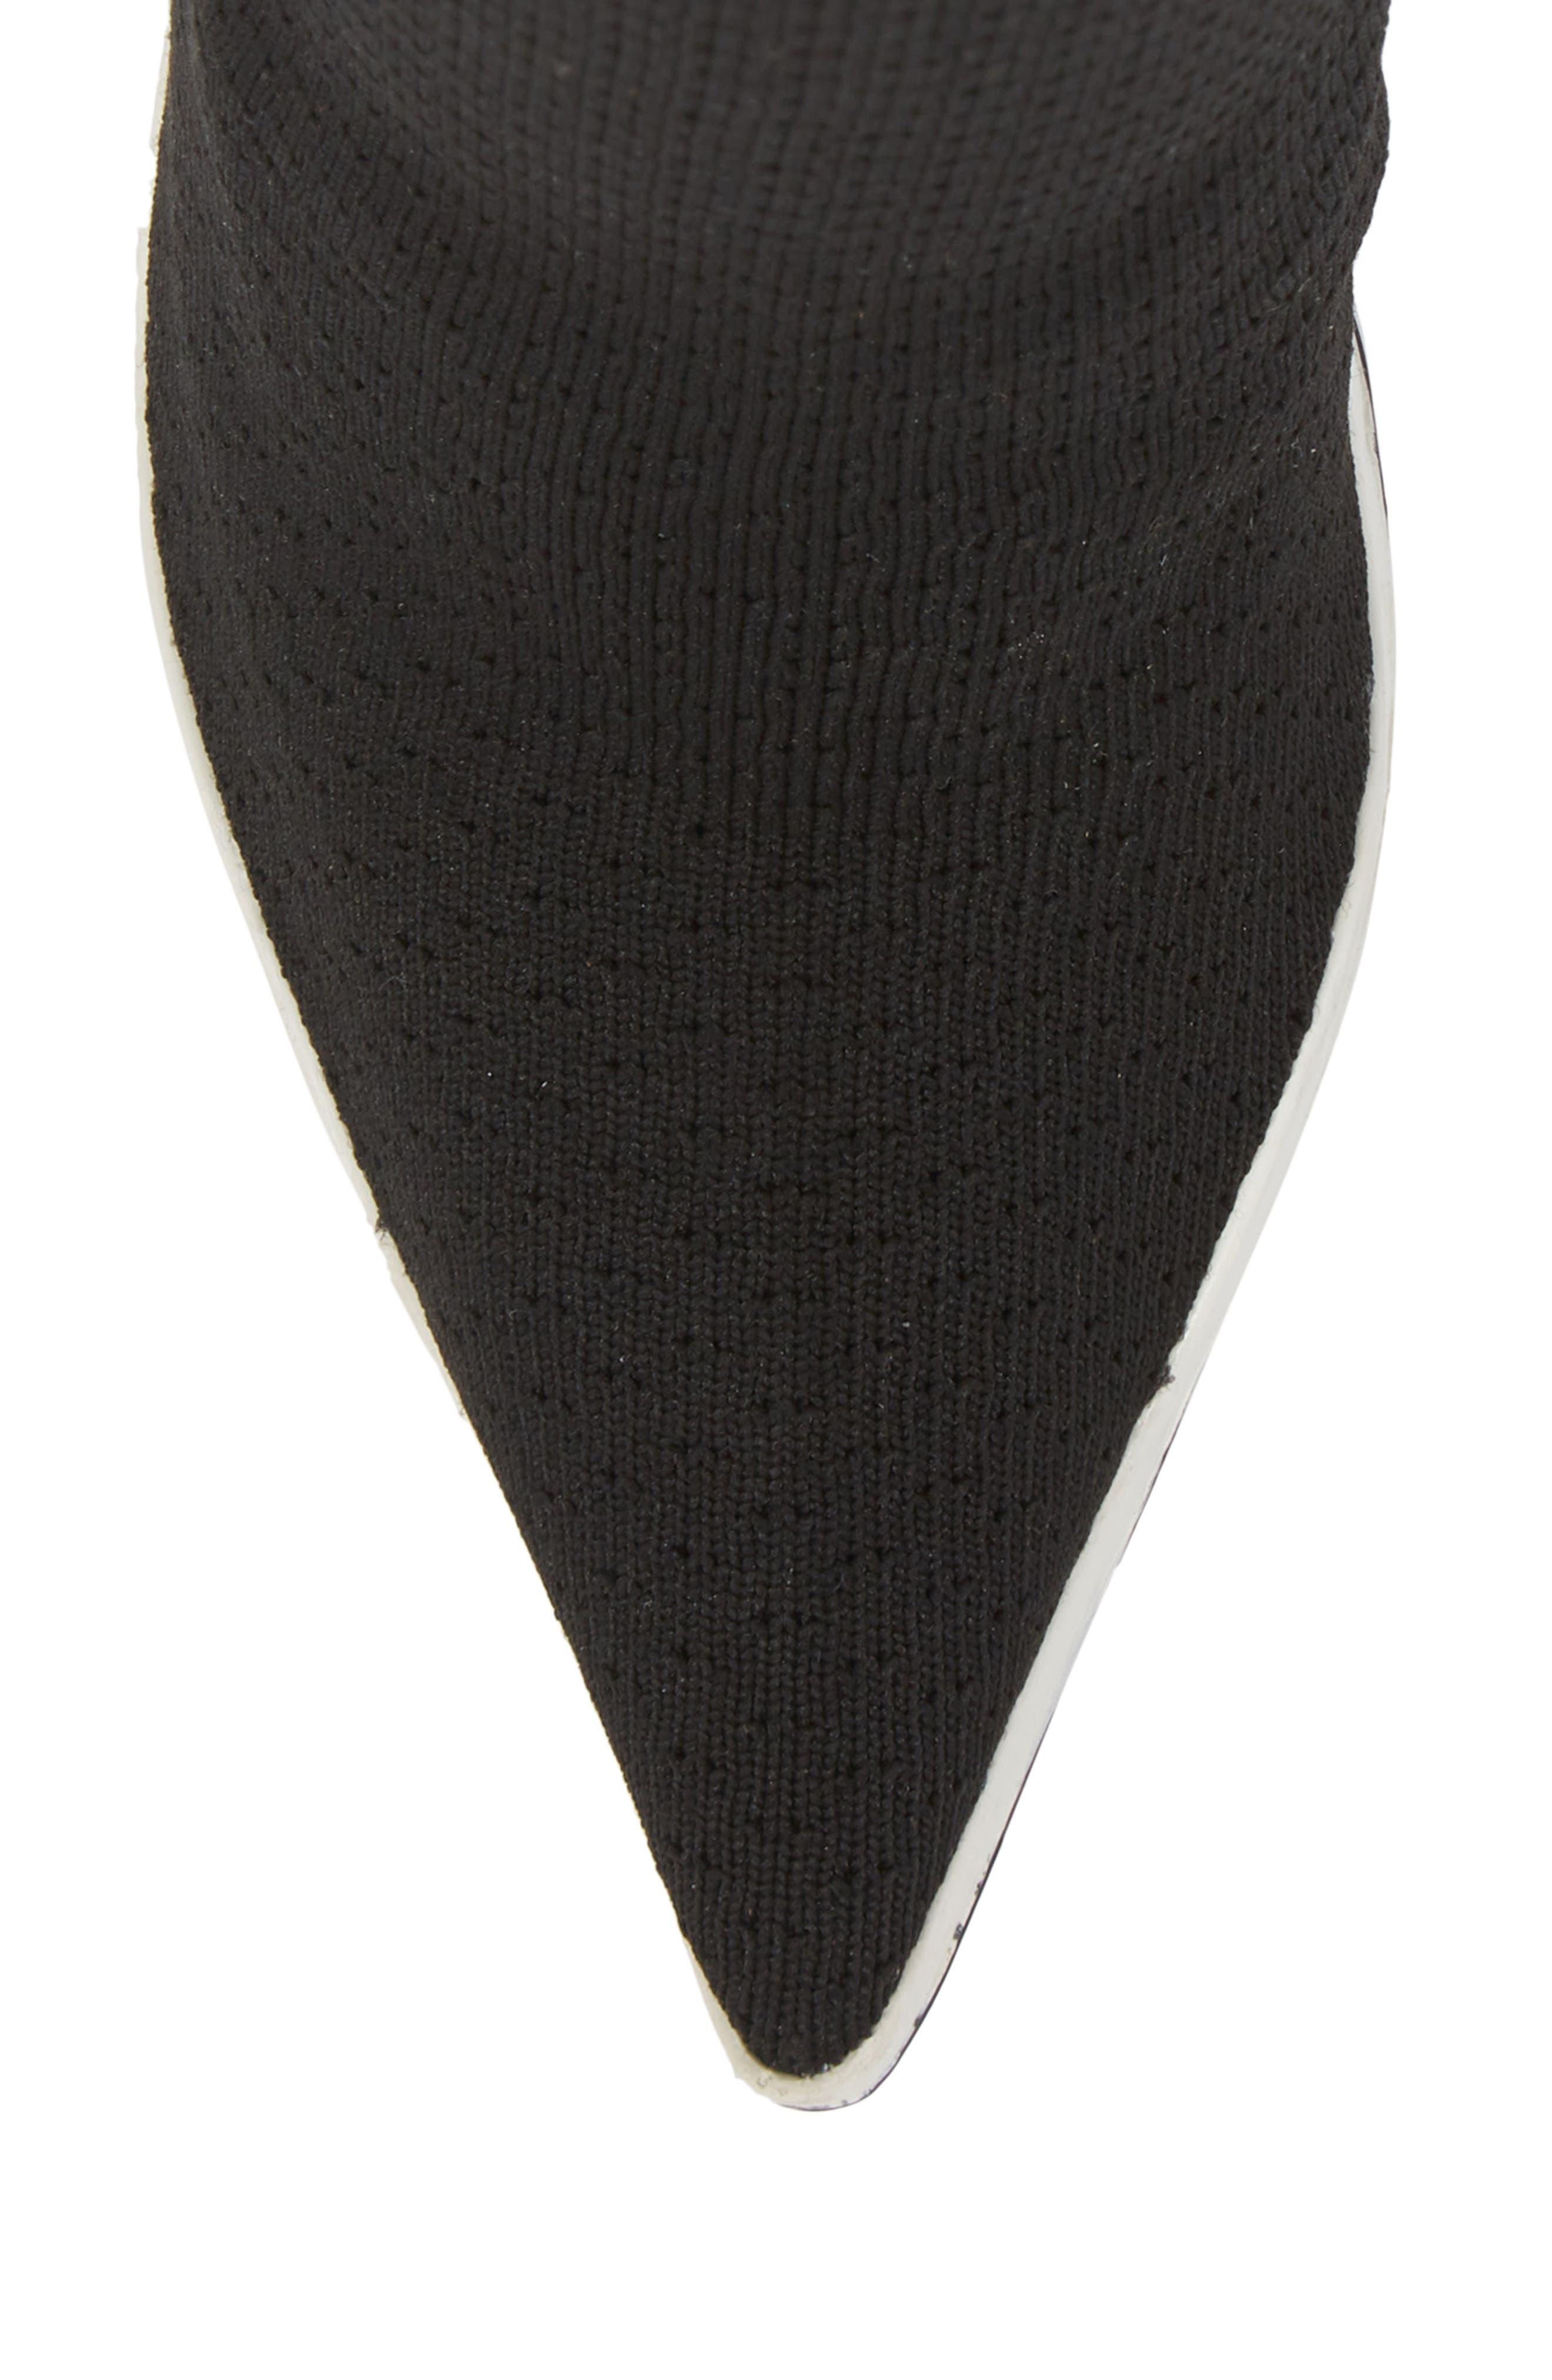 Goal Sock Sneaker Bootie,                             Alternate thumbnail 5, color,                             BLACK/ WHITE FABRIC